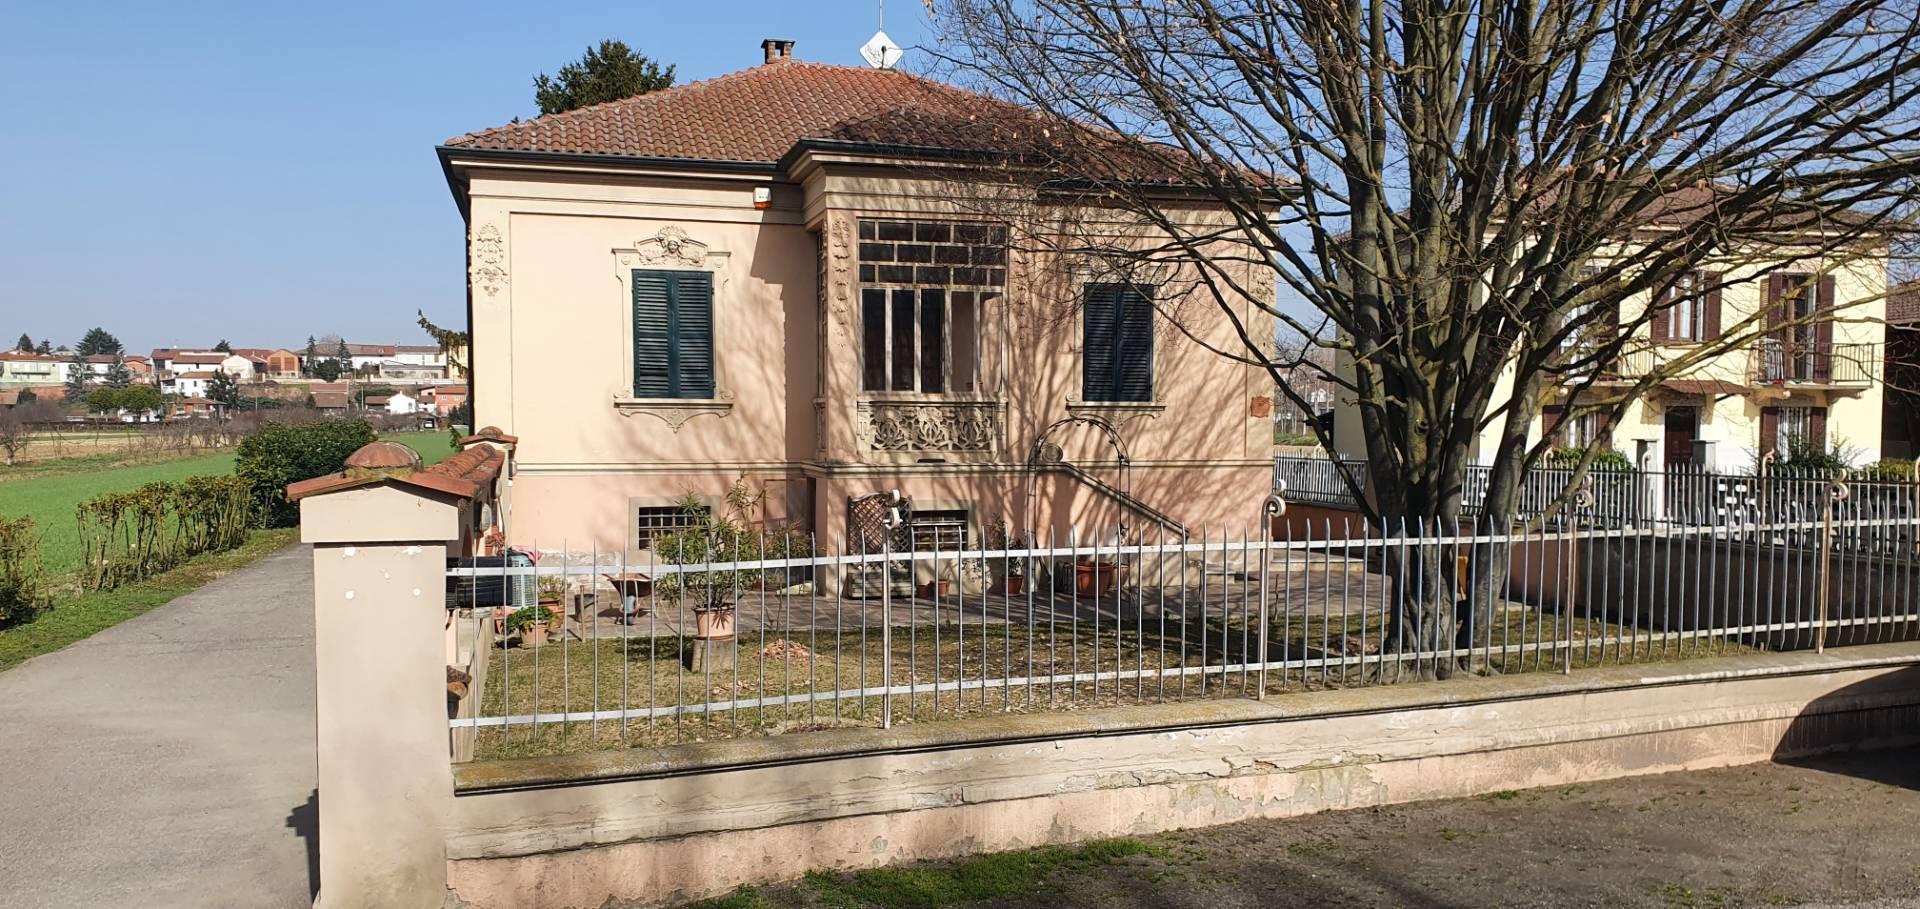 Soluzione Indipendente in vendita a Felizzano, 4 locali, prezzo € 180.000 | CambioCasa.it